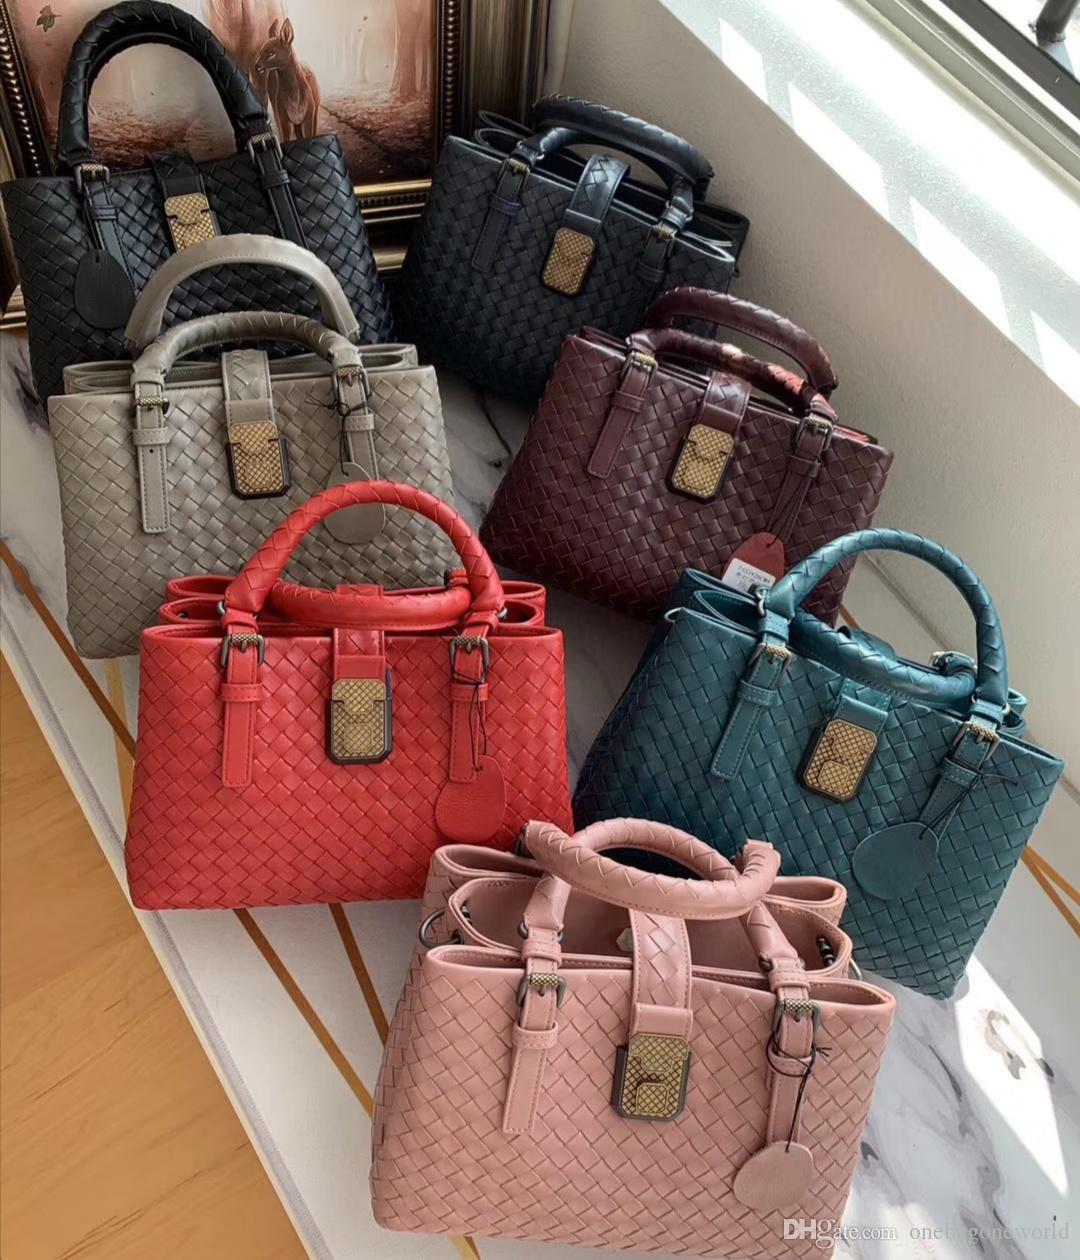 Petit sac roma de qualité supérieure concepteur gros sac à main crochet sacs véritable épaule en cuir dame sac de luxe sac à la main livraison gratuite